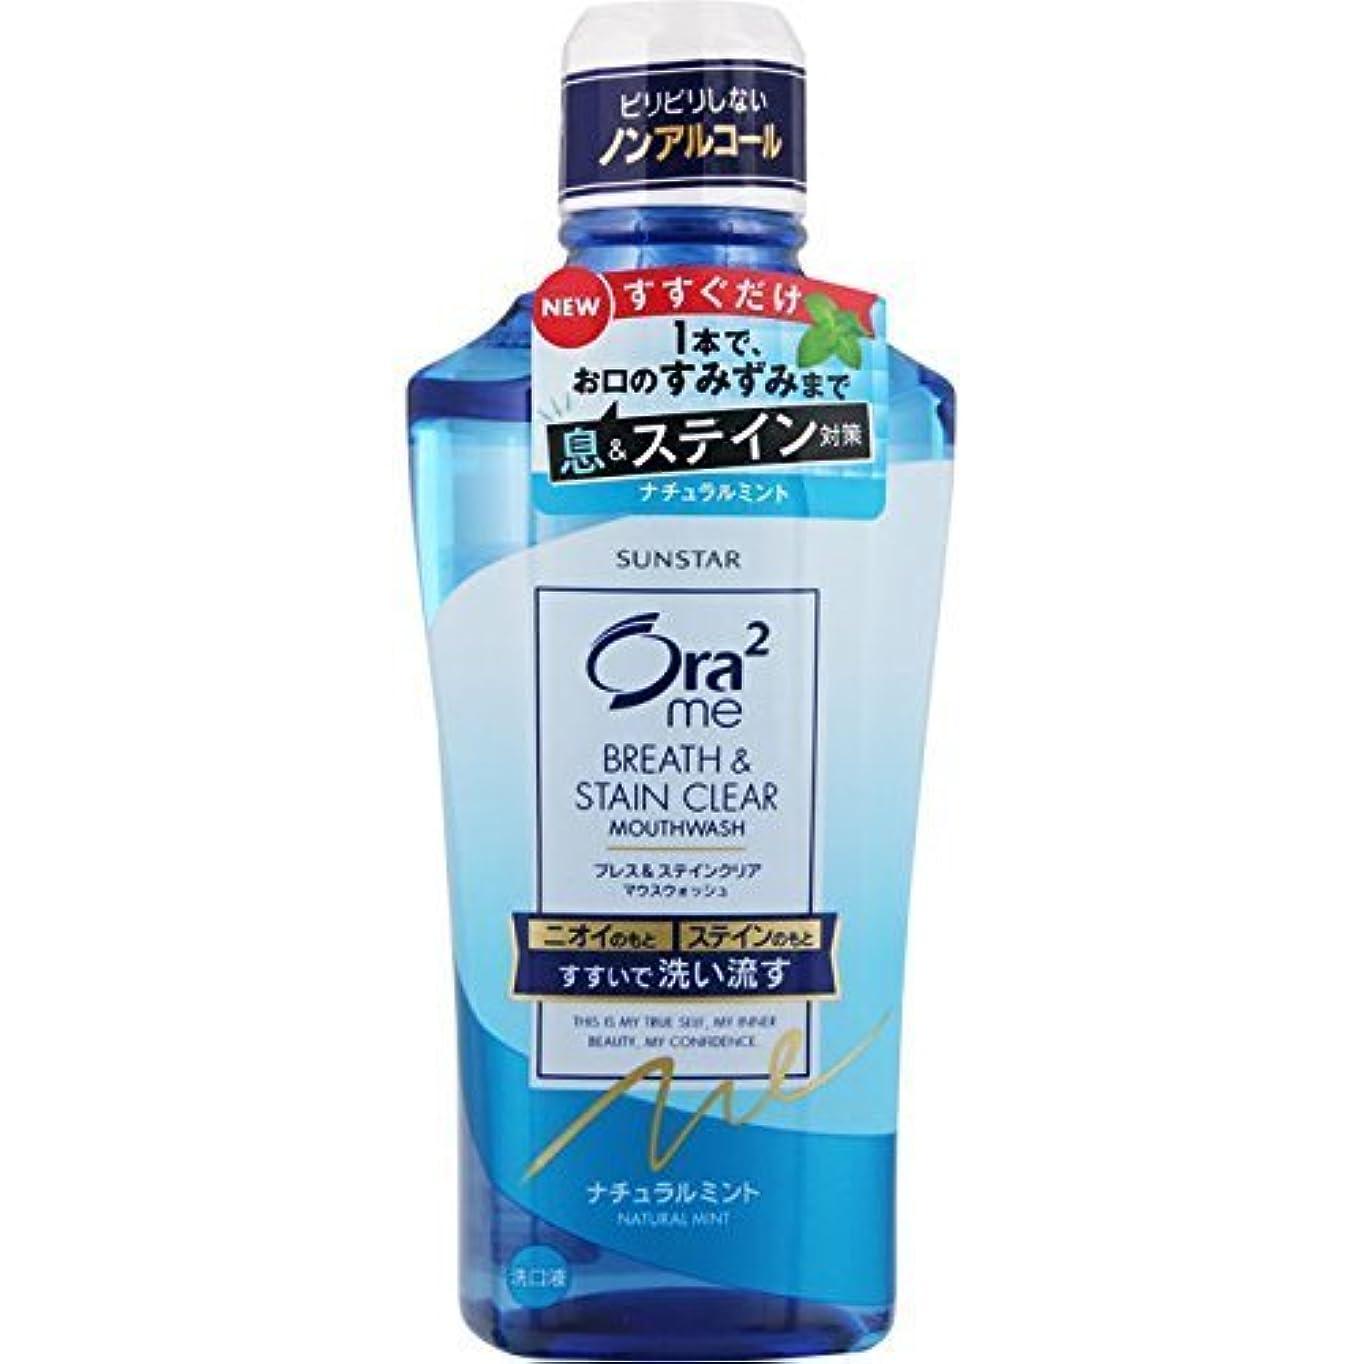 グレートバリアリーフトラブルタイムリーなOra2(オーラツー) ミーマウスウォッシュ ステインクリア 洗口液[ ナチュラルミント ]